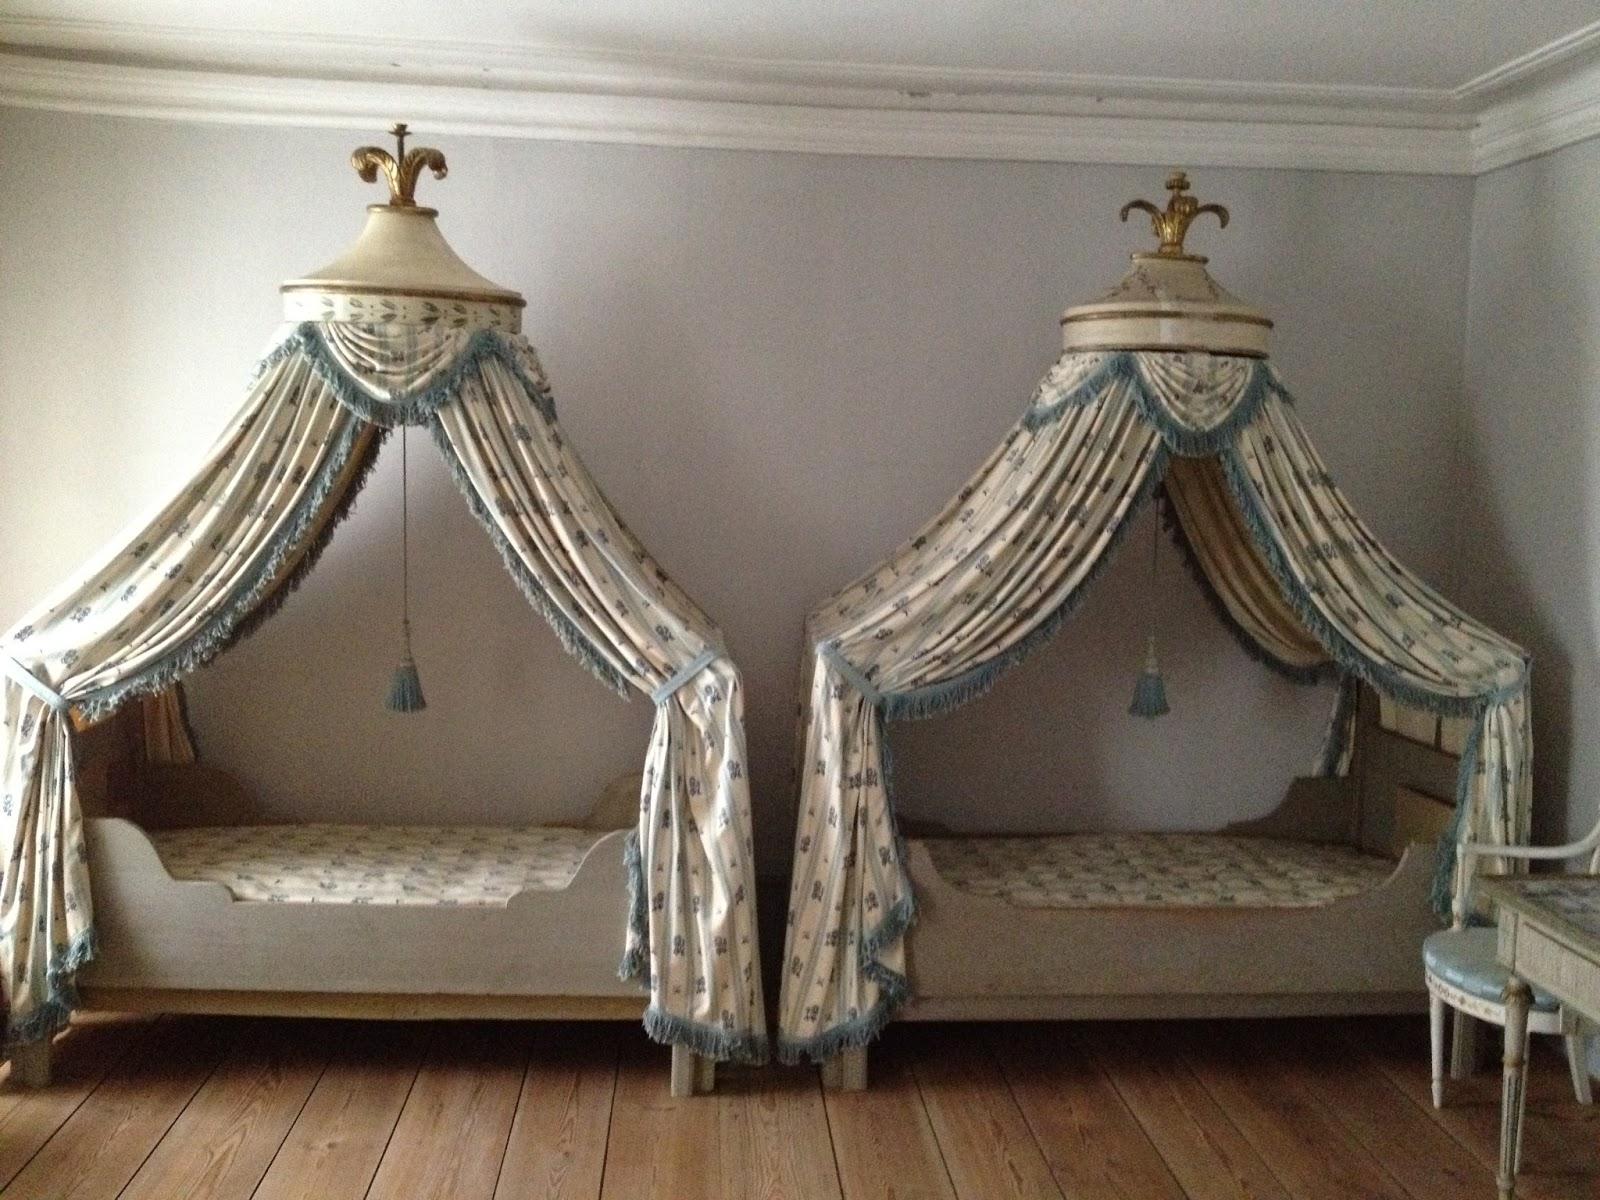 Brede-LilleBrede-canopied-beds